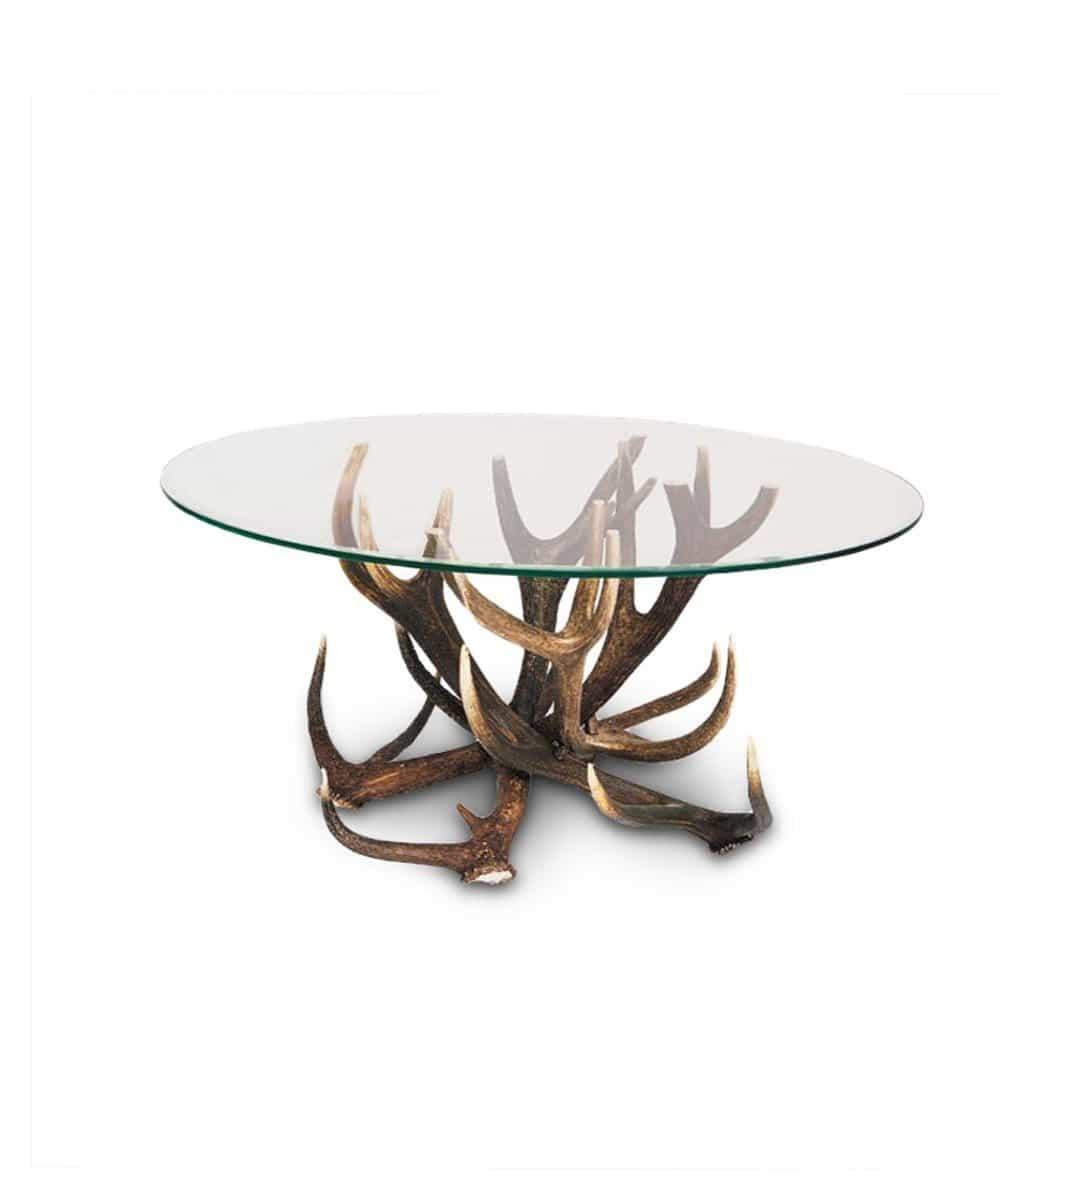 couchtisch auno ovaler salontisch aus geweih glas. Black Bedroom Furniture Sets. Home Design Ideas